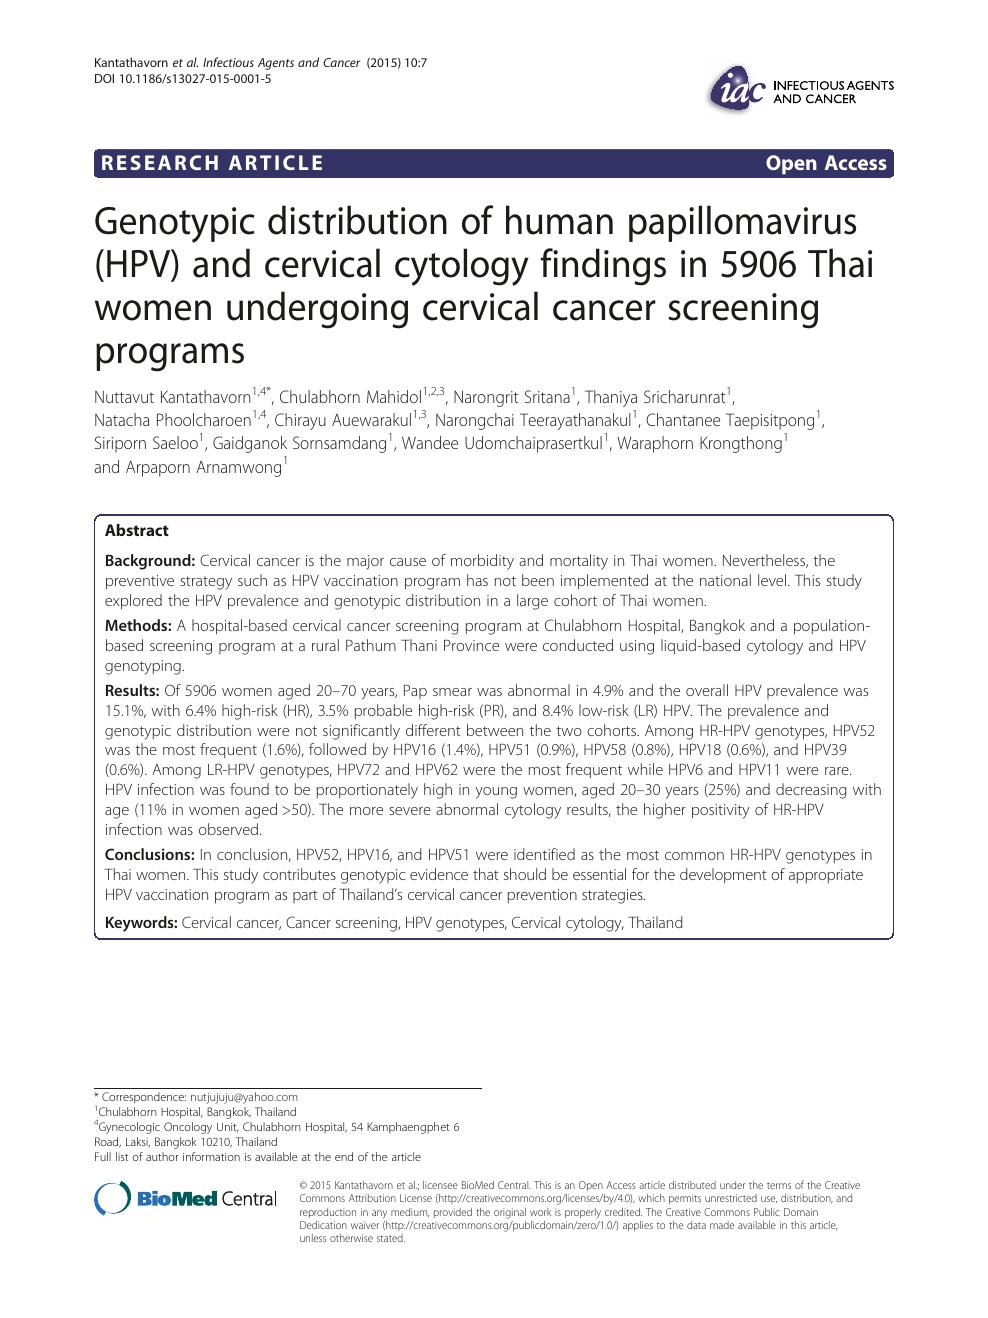 human papillomavirus ka